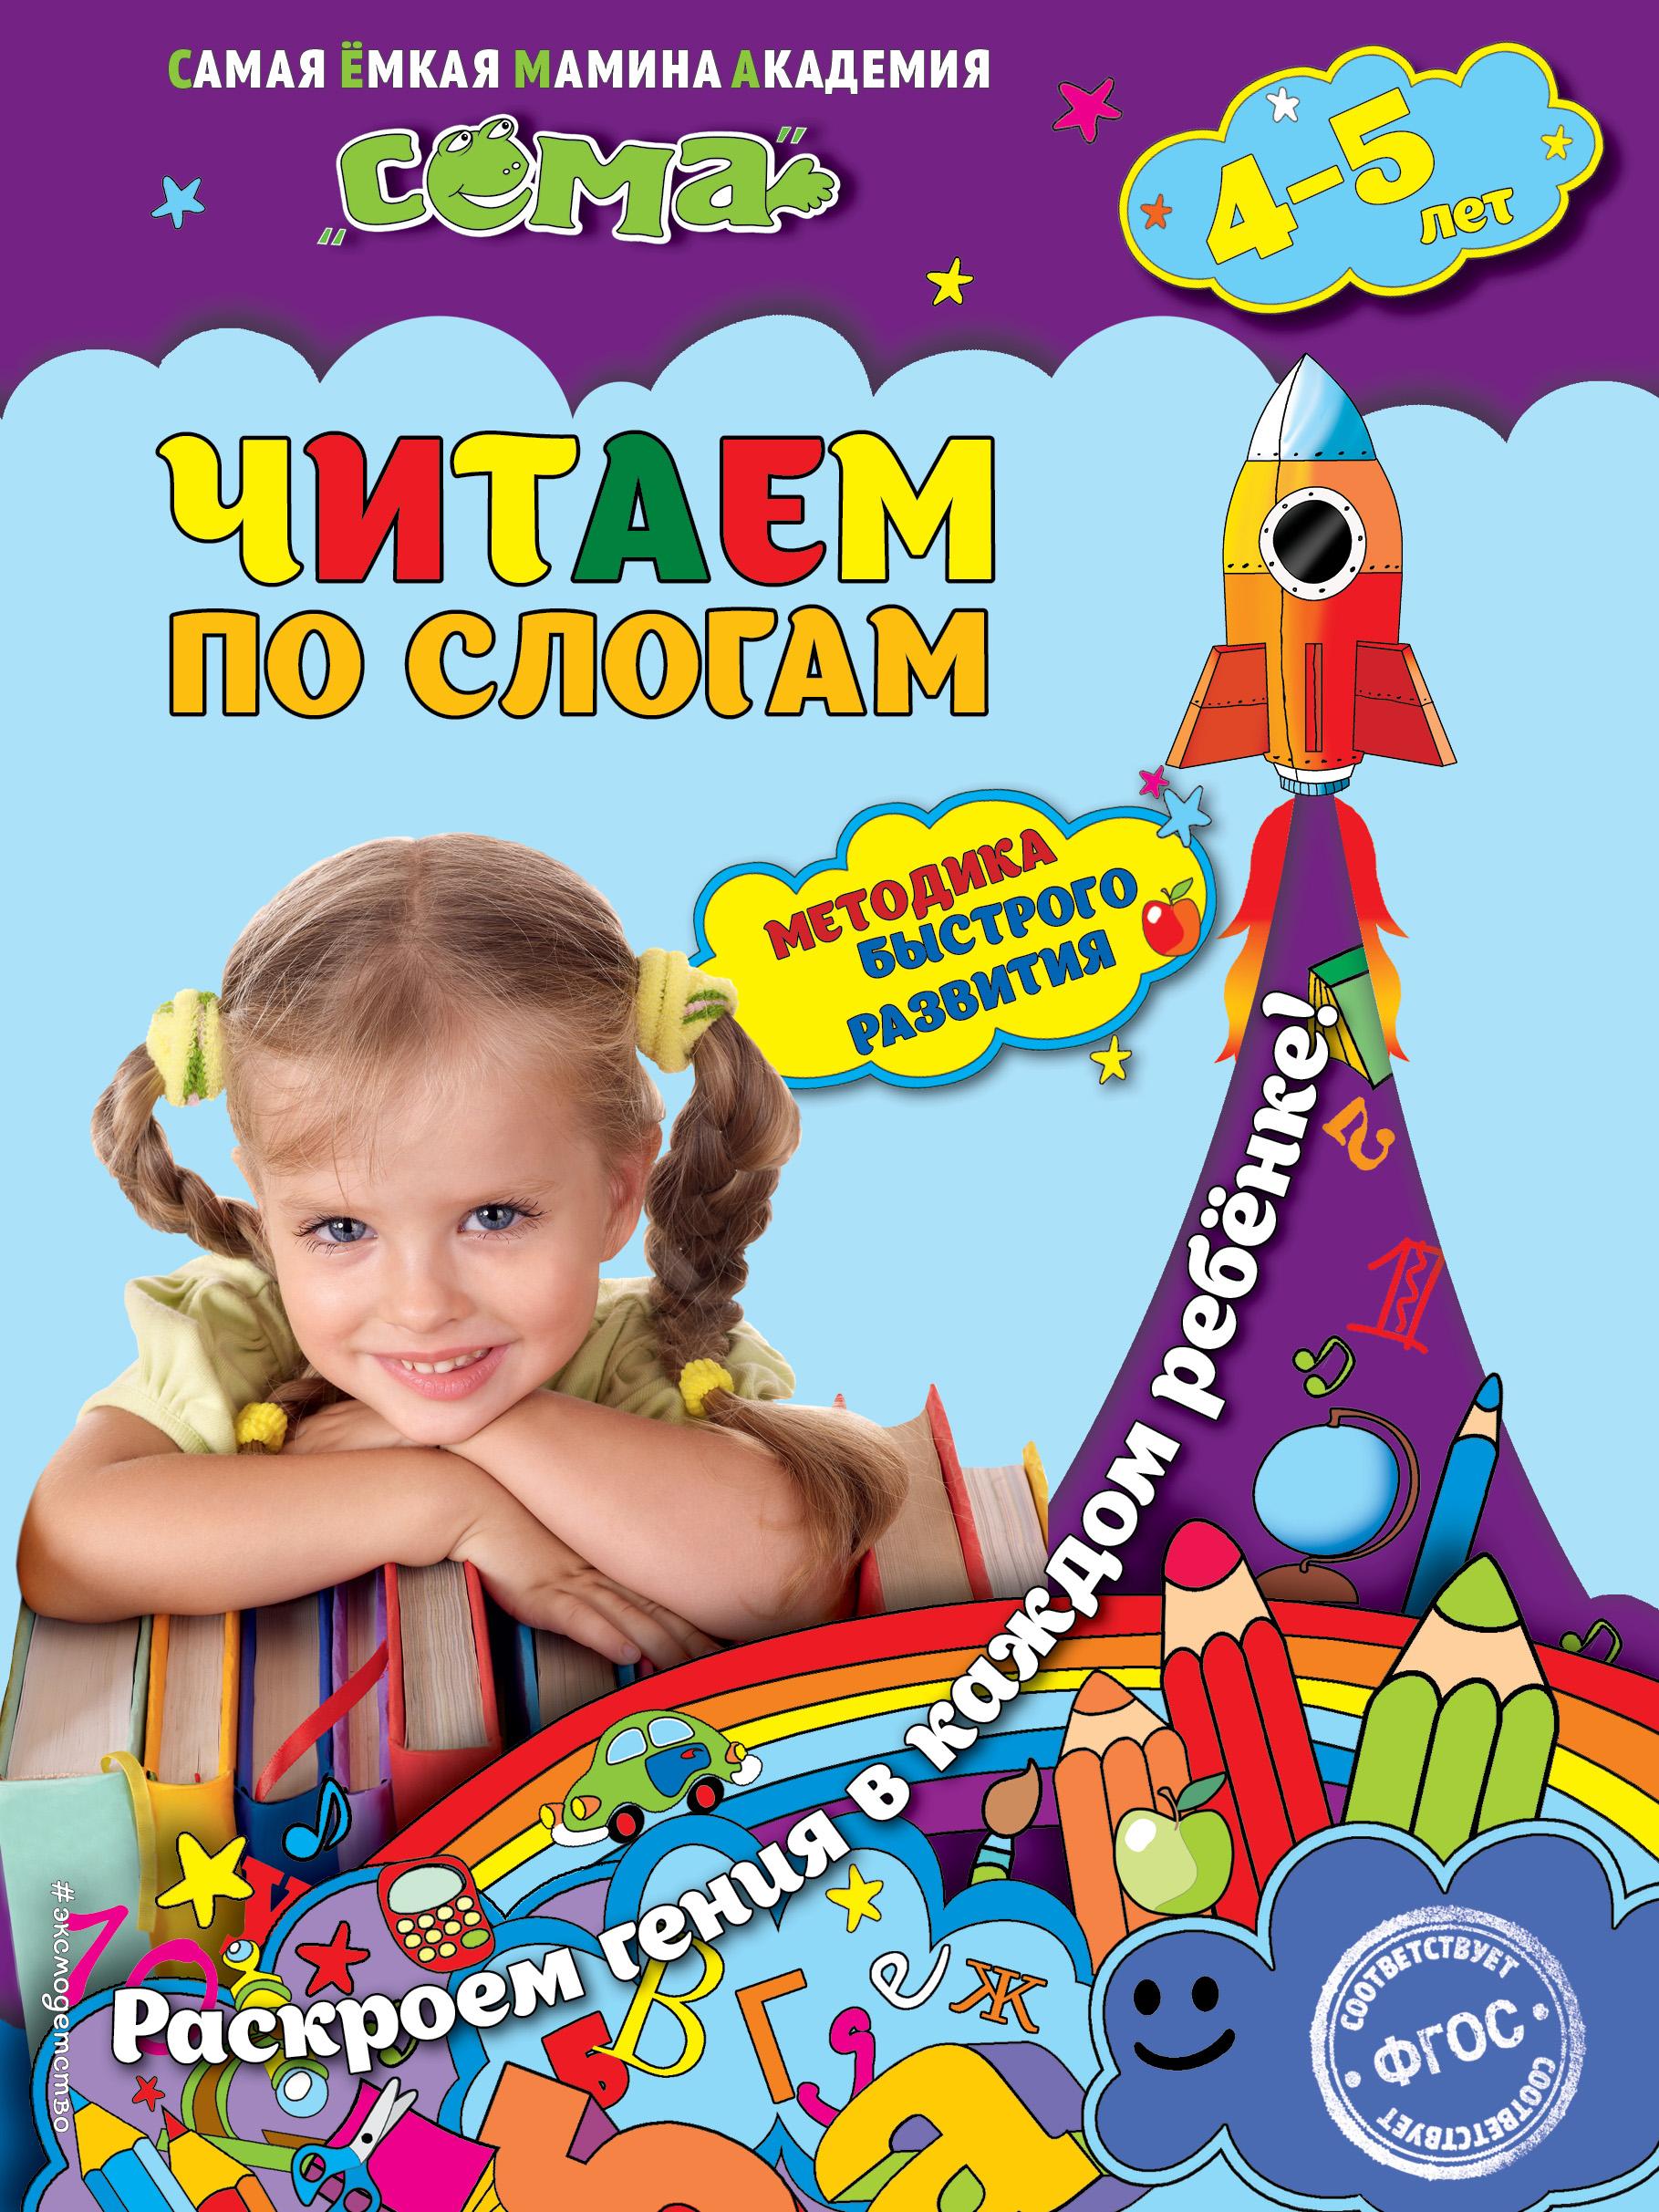 М.Н. Иванова, С.В. Липина Читаем по слогам: для детей 4-5 лет